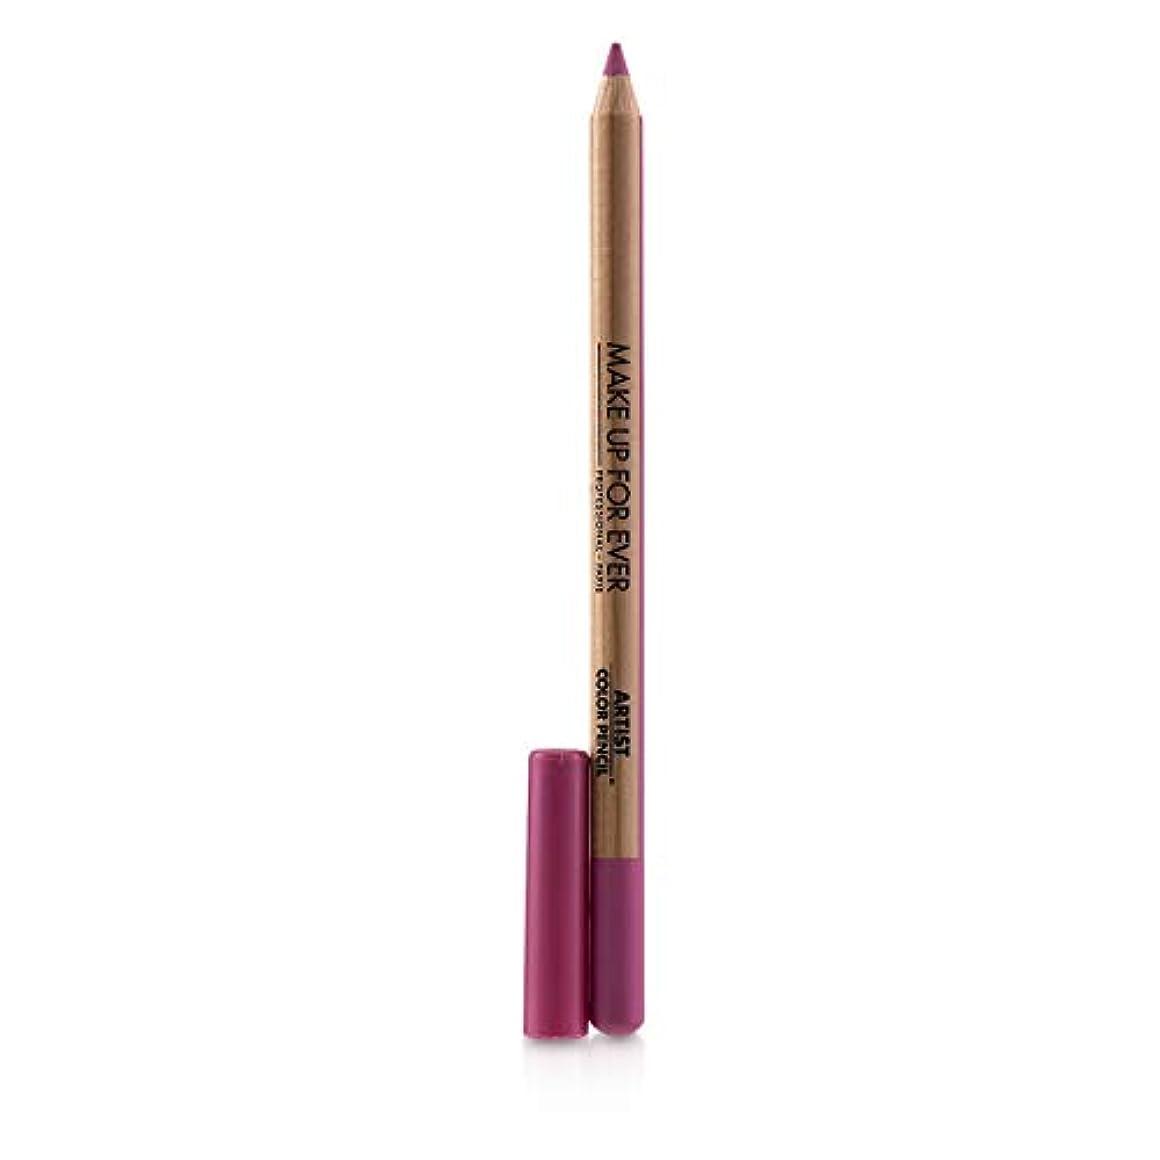 グリーンバック血ディレクターメイクアップフォーエバー Artist Color Pencil - # 804 No Boundaries Blush 1.41g/0.04oz並行輸入品